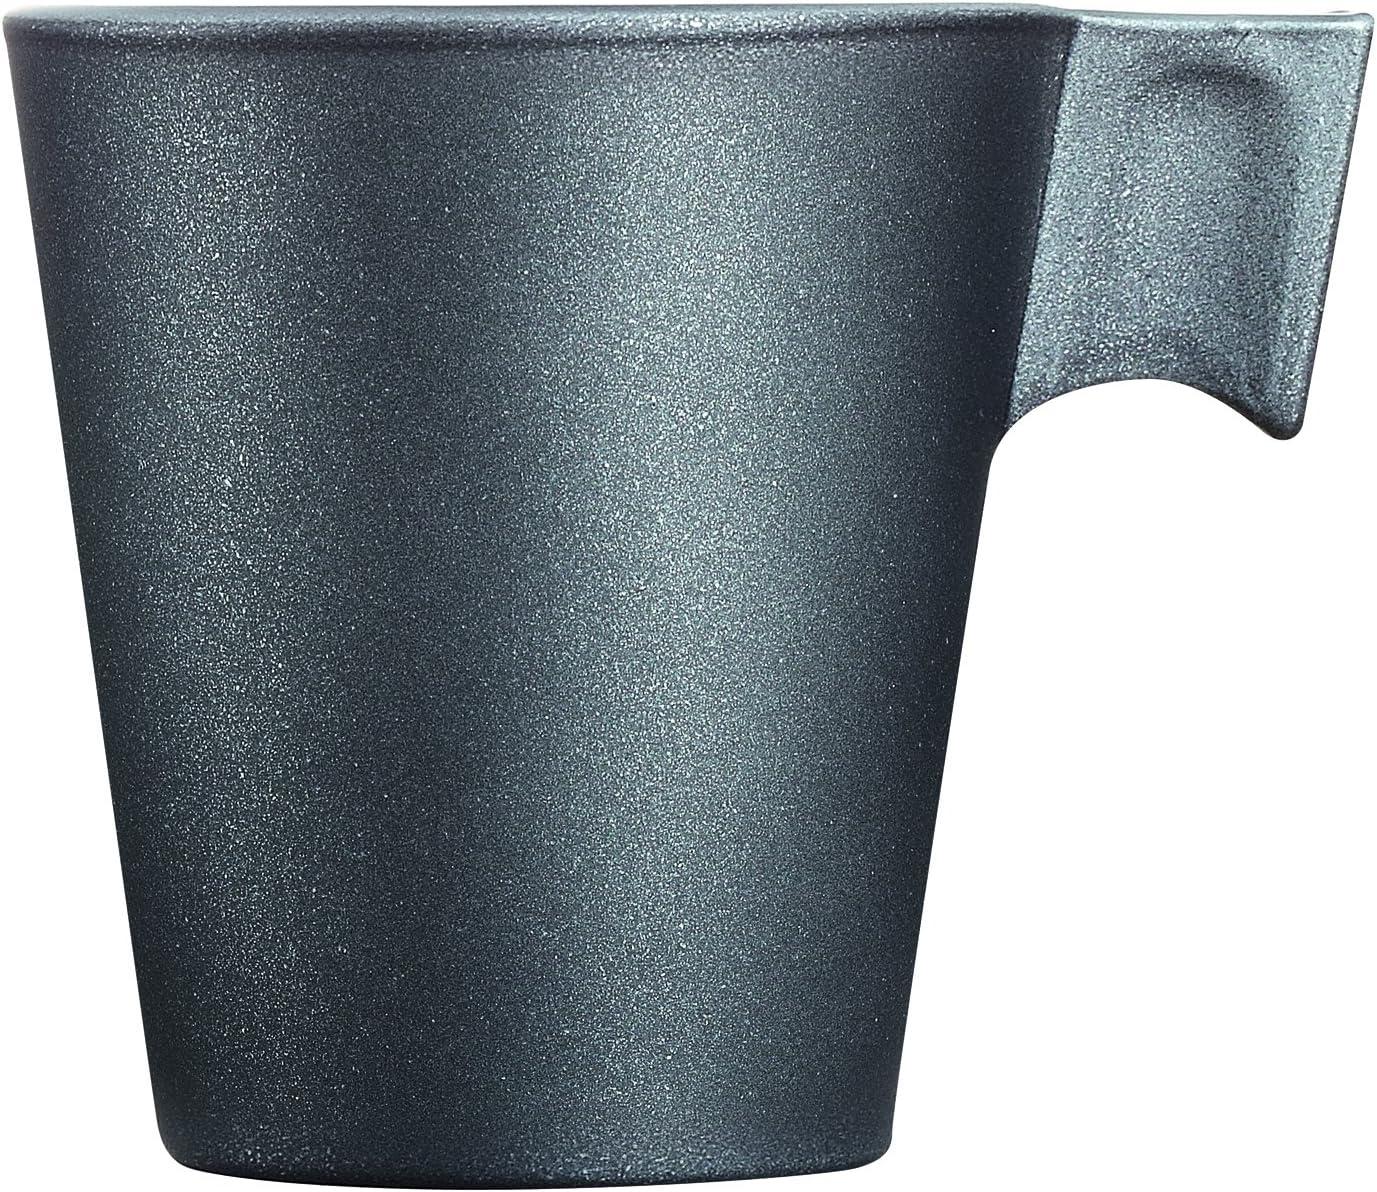 Nero 7.5x6x6.5 cm Luminarc Loft Stony Tazza caff/è